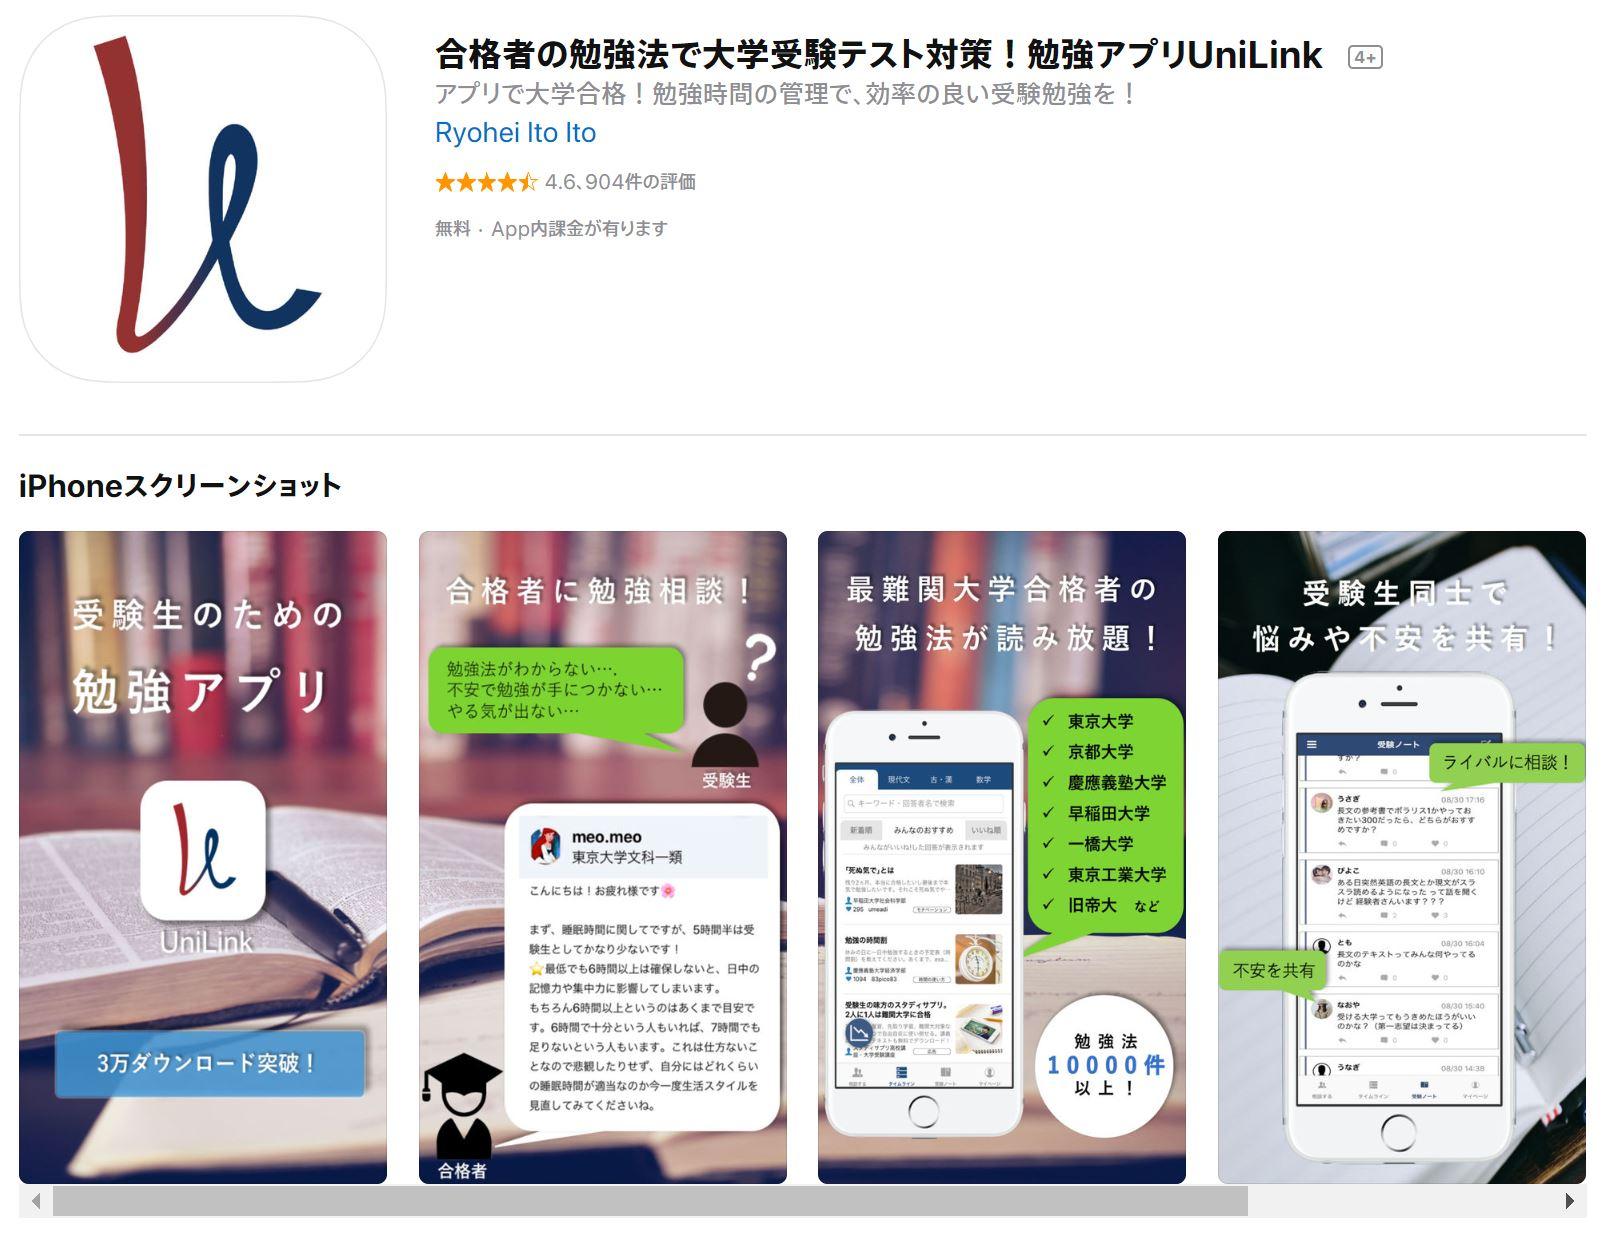 評判激高!大学受験の相談アプリ【UniLink(ユニリンク)】とは?!